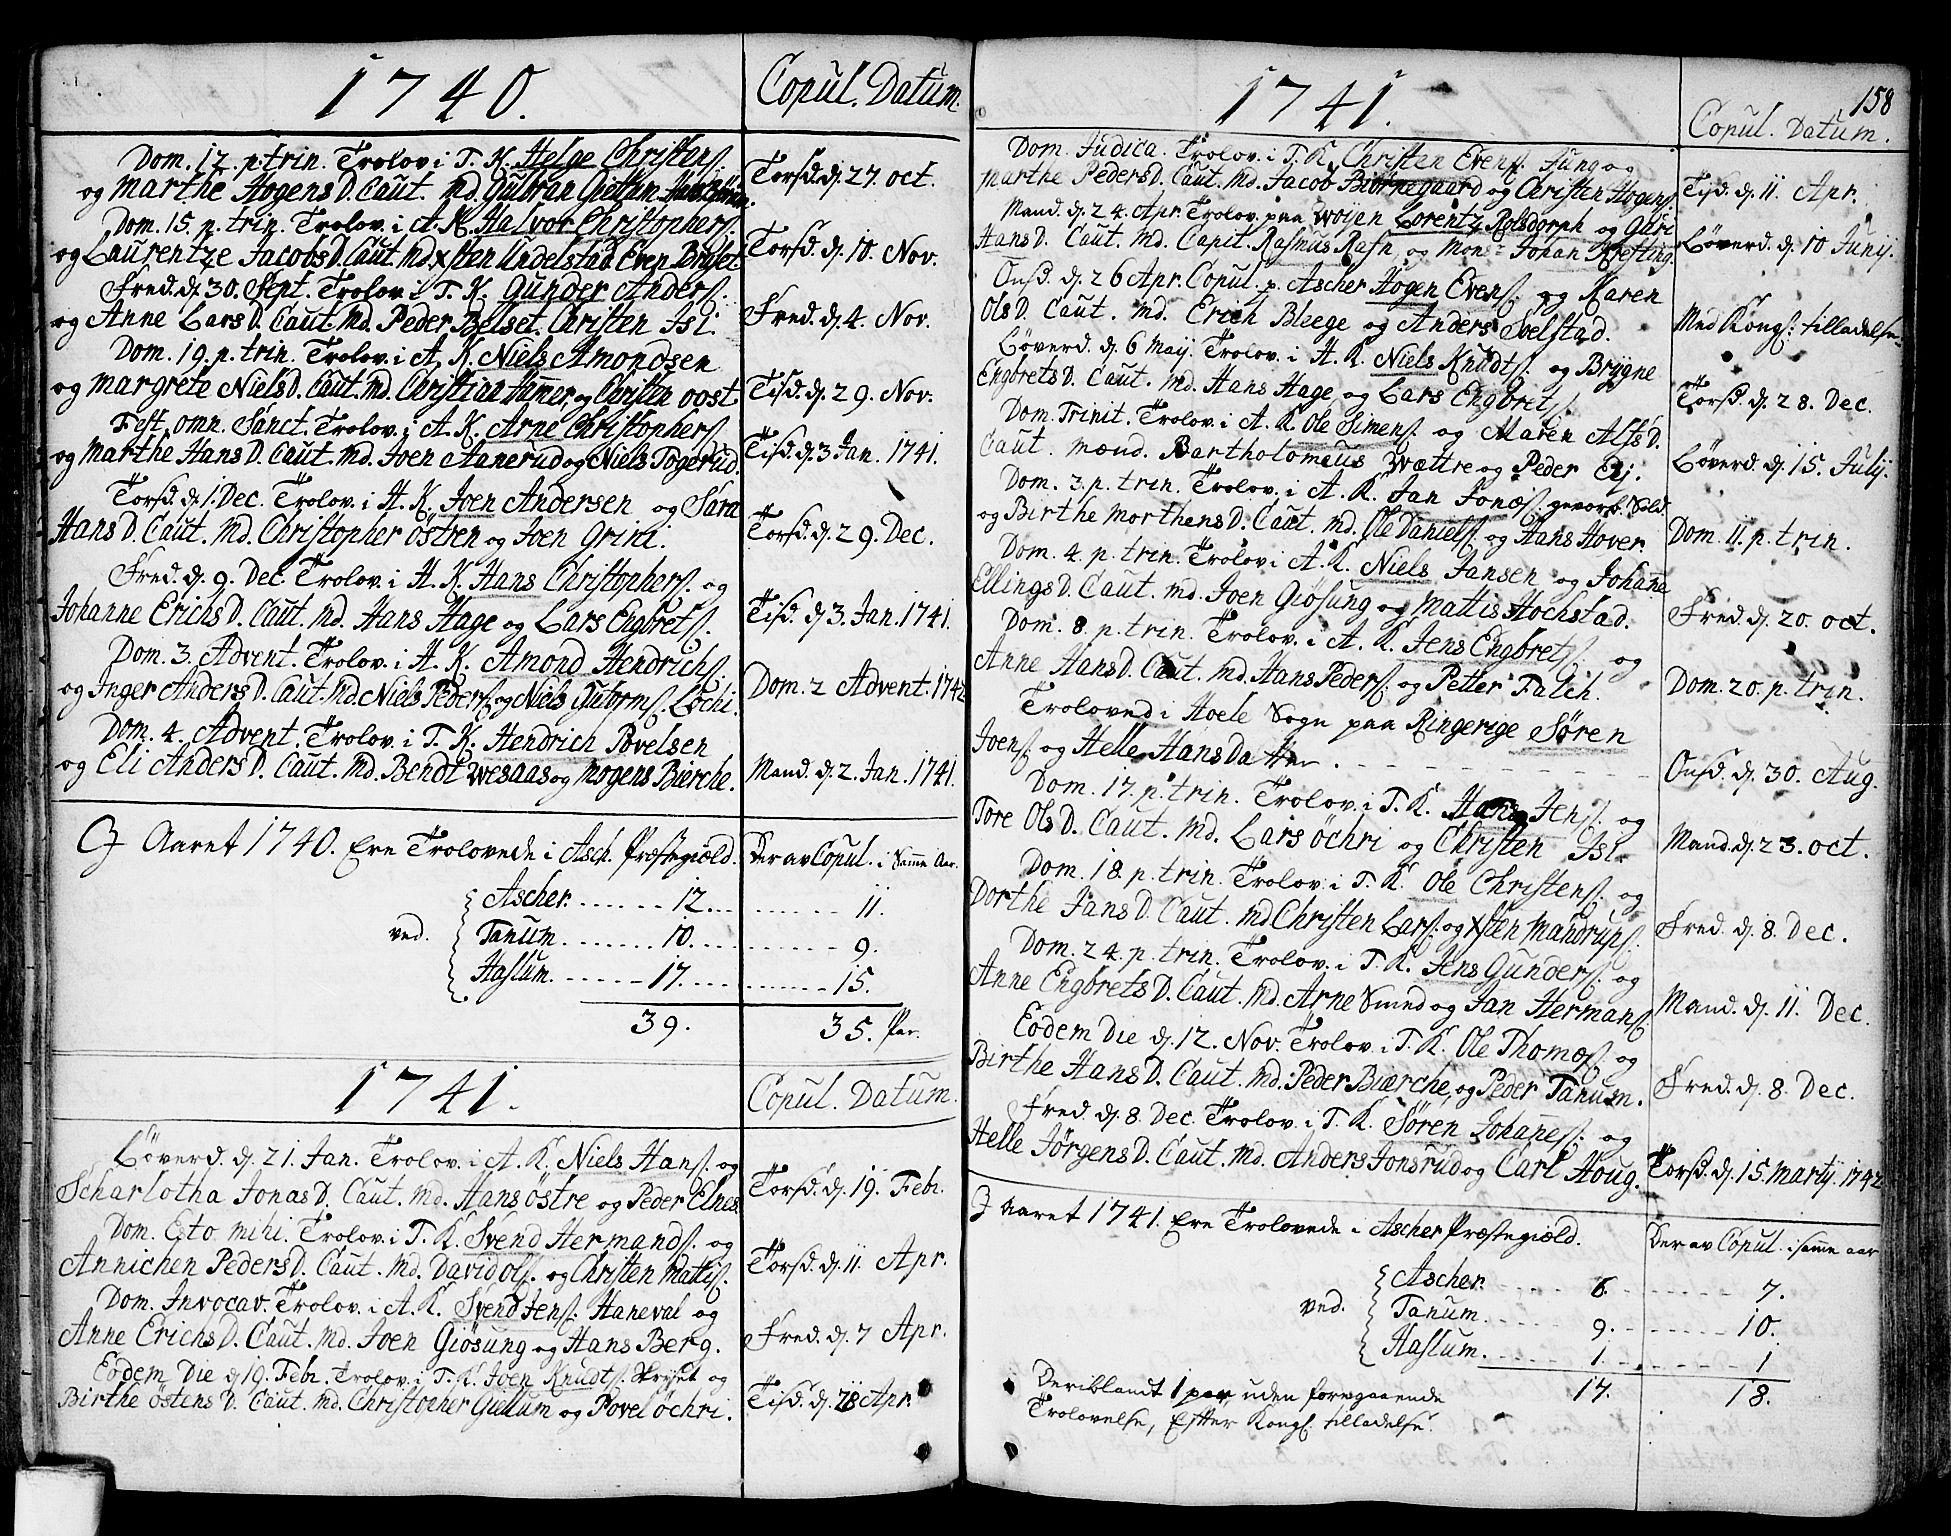 SAO, Asker prestekontor Kirkebøker, F/Fa/L0002: Ministerialbok nr. I 2, 1733-1766, s. 158